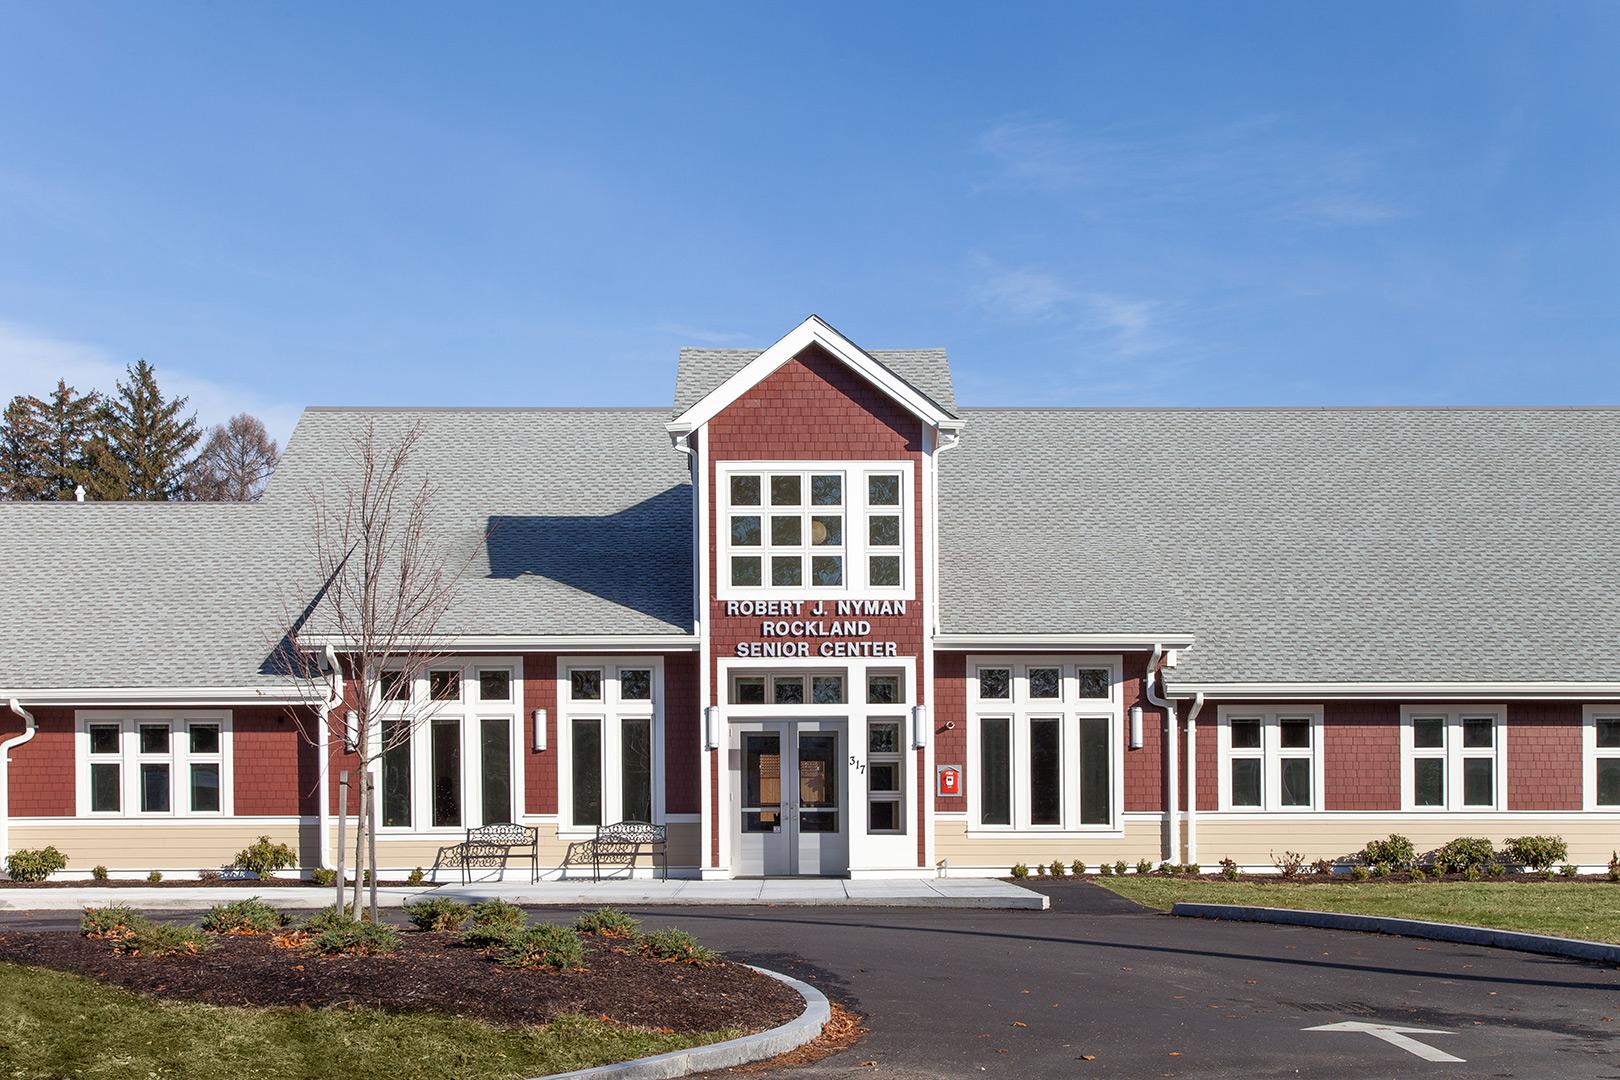 senior center rockland exterior studio